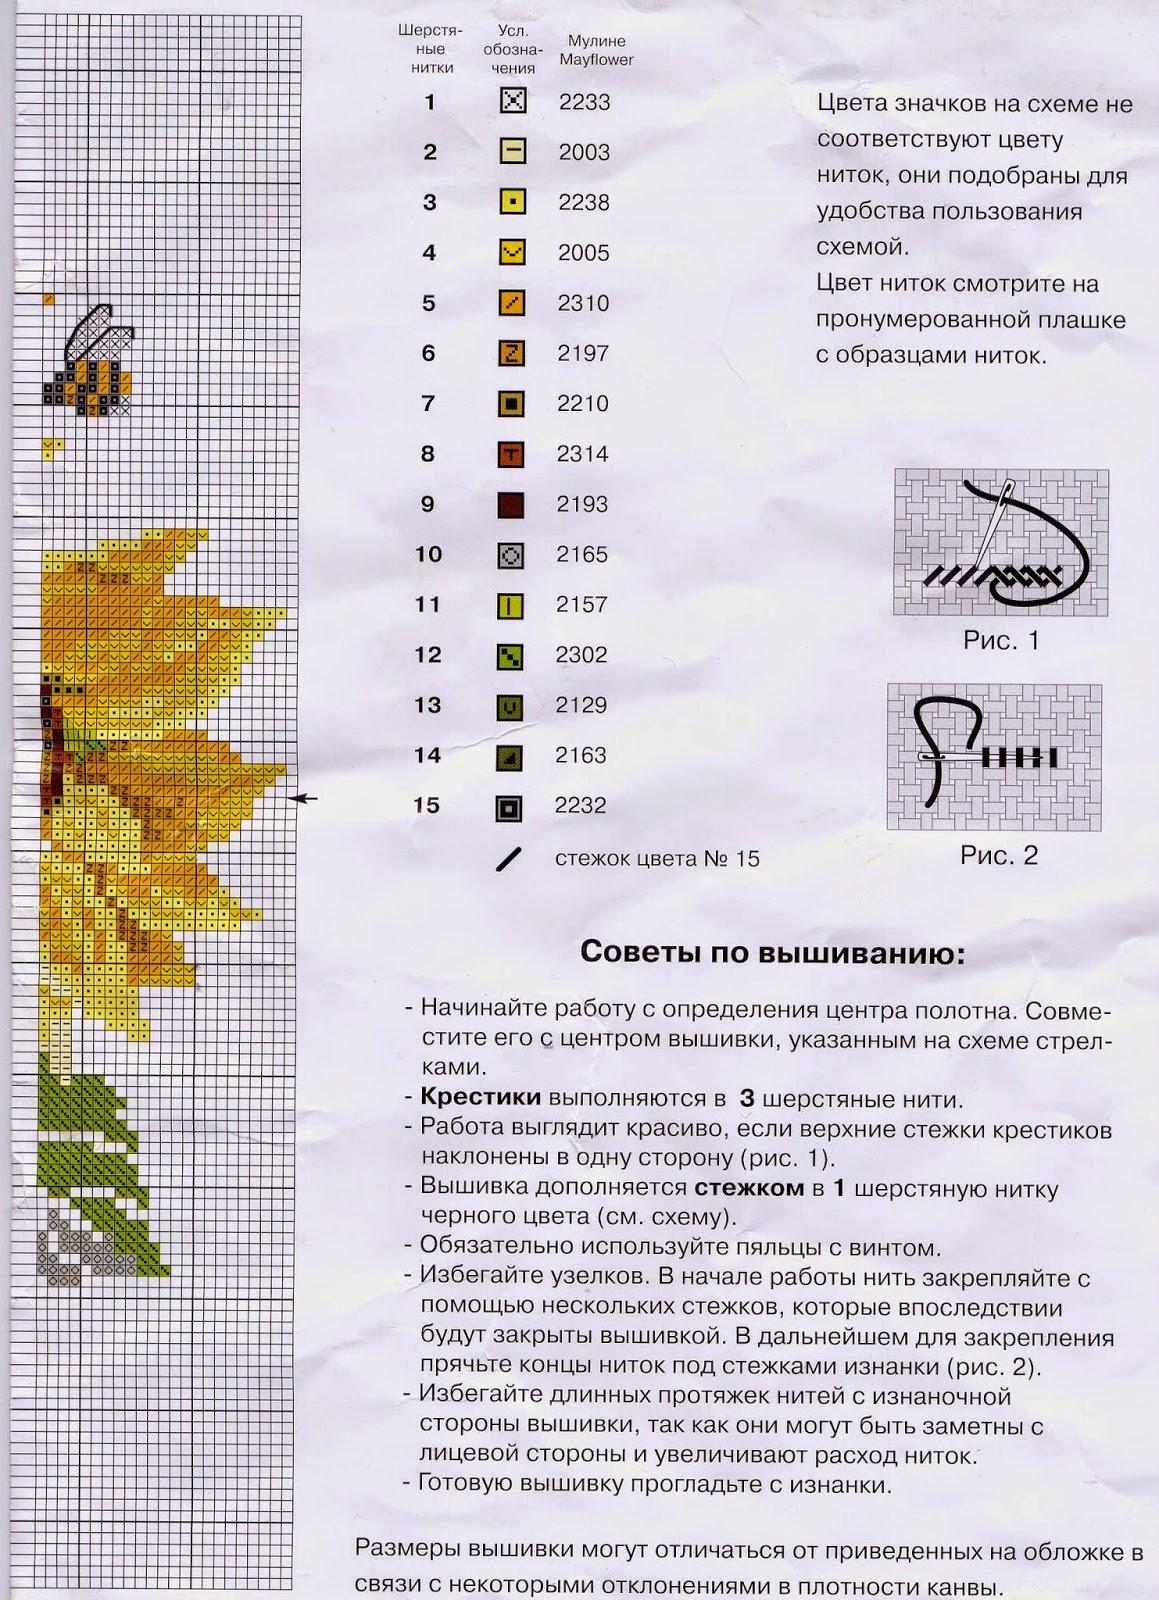 ИГОЛКИ. НЕТ: схемы для вышивки из картинок 3